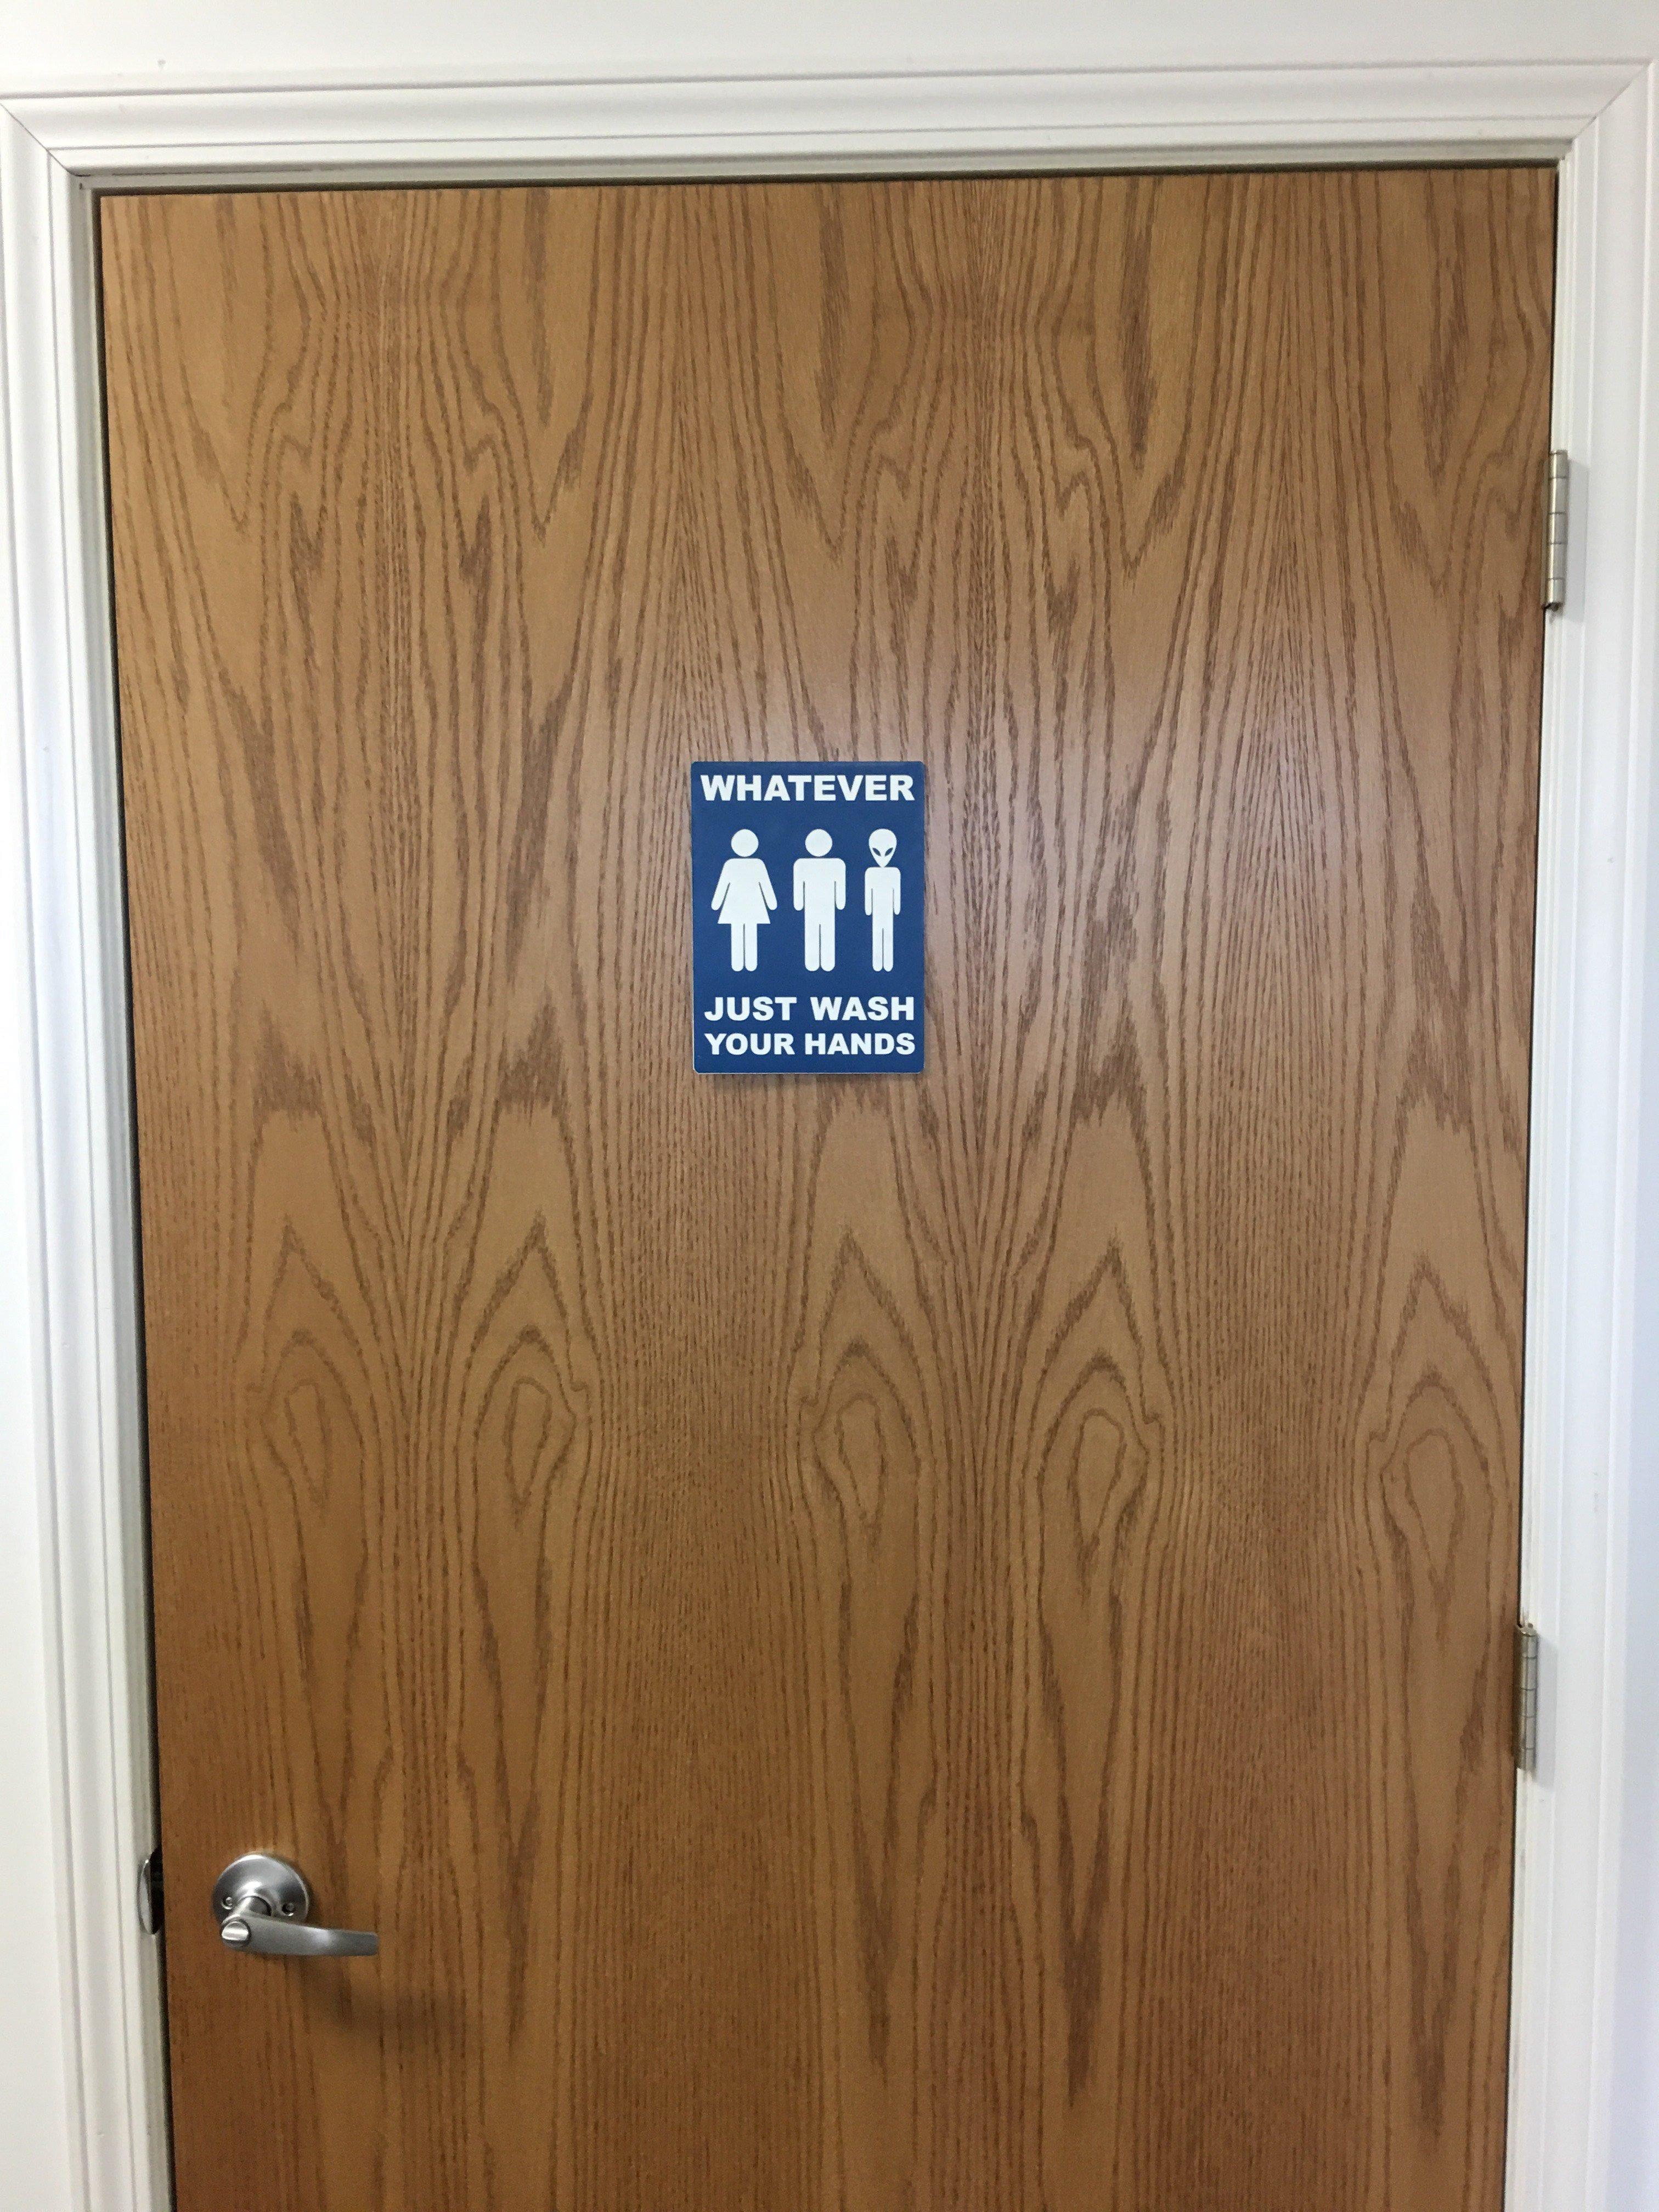 All Gender Restroom Sign Blue Whatever Just Wash Your